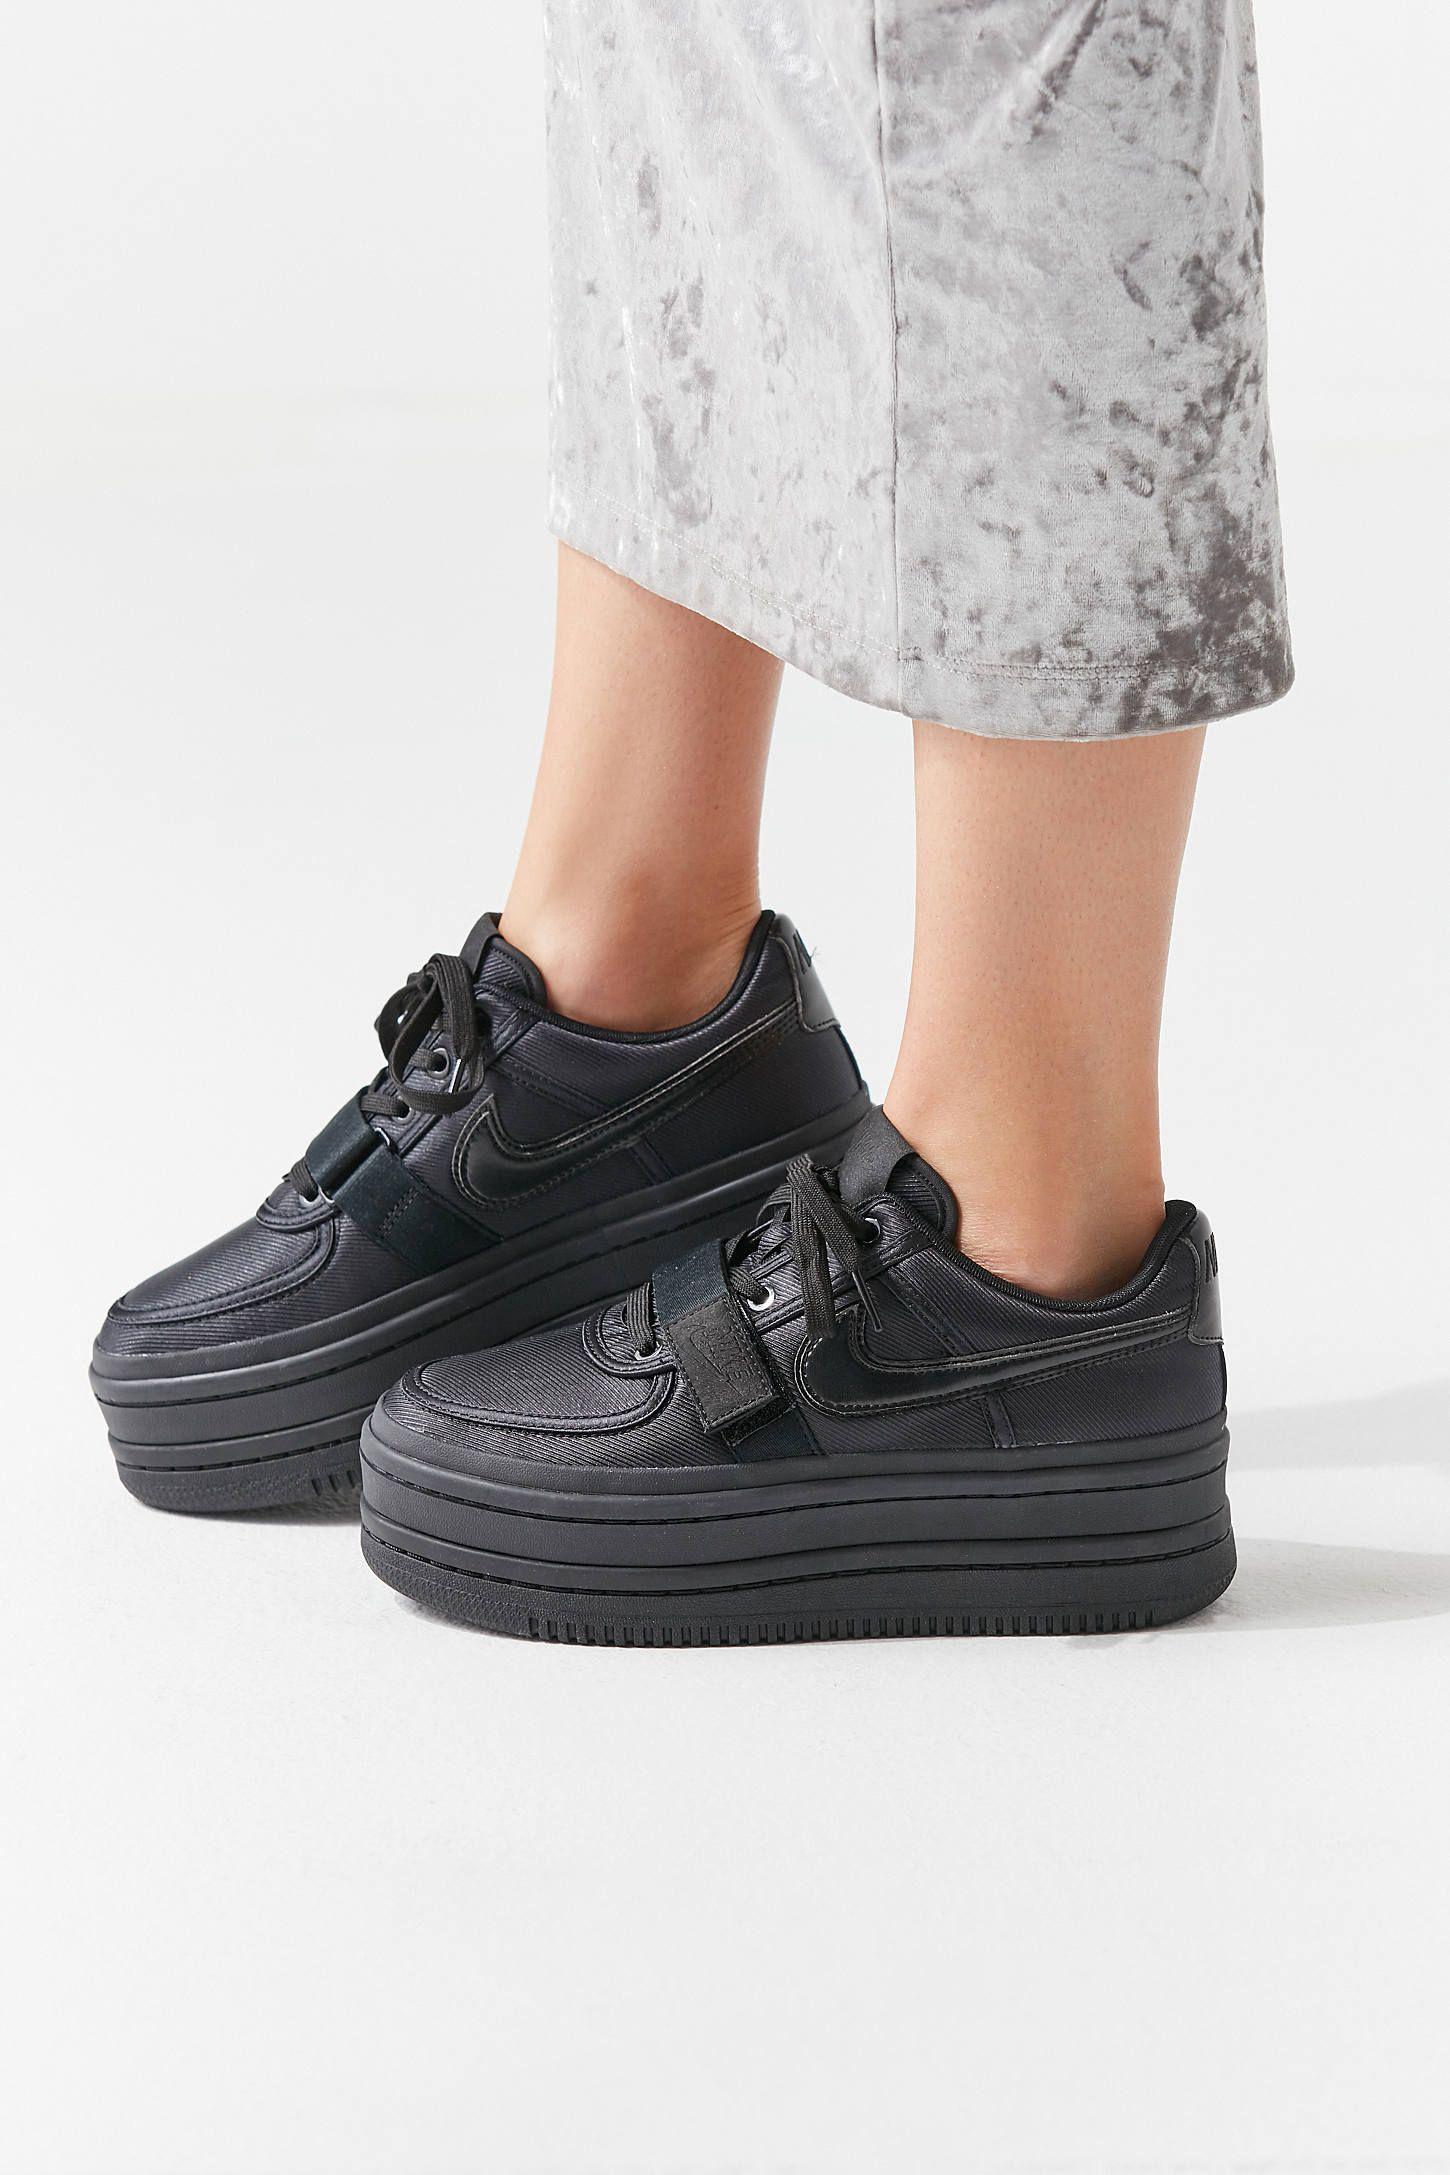 c7f455eeee6 Nike Vandal 2K Sneaker in 2019